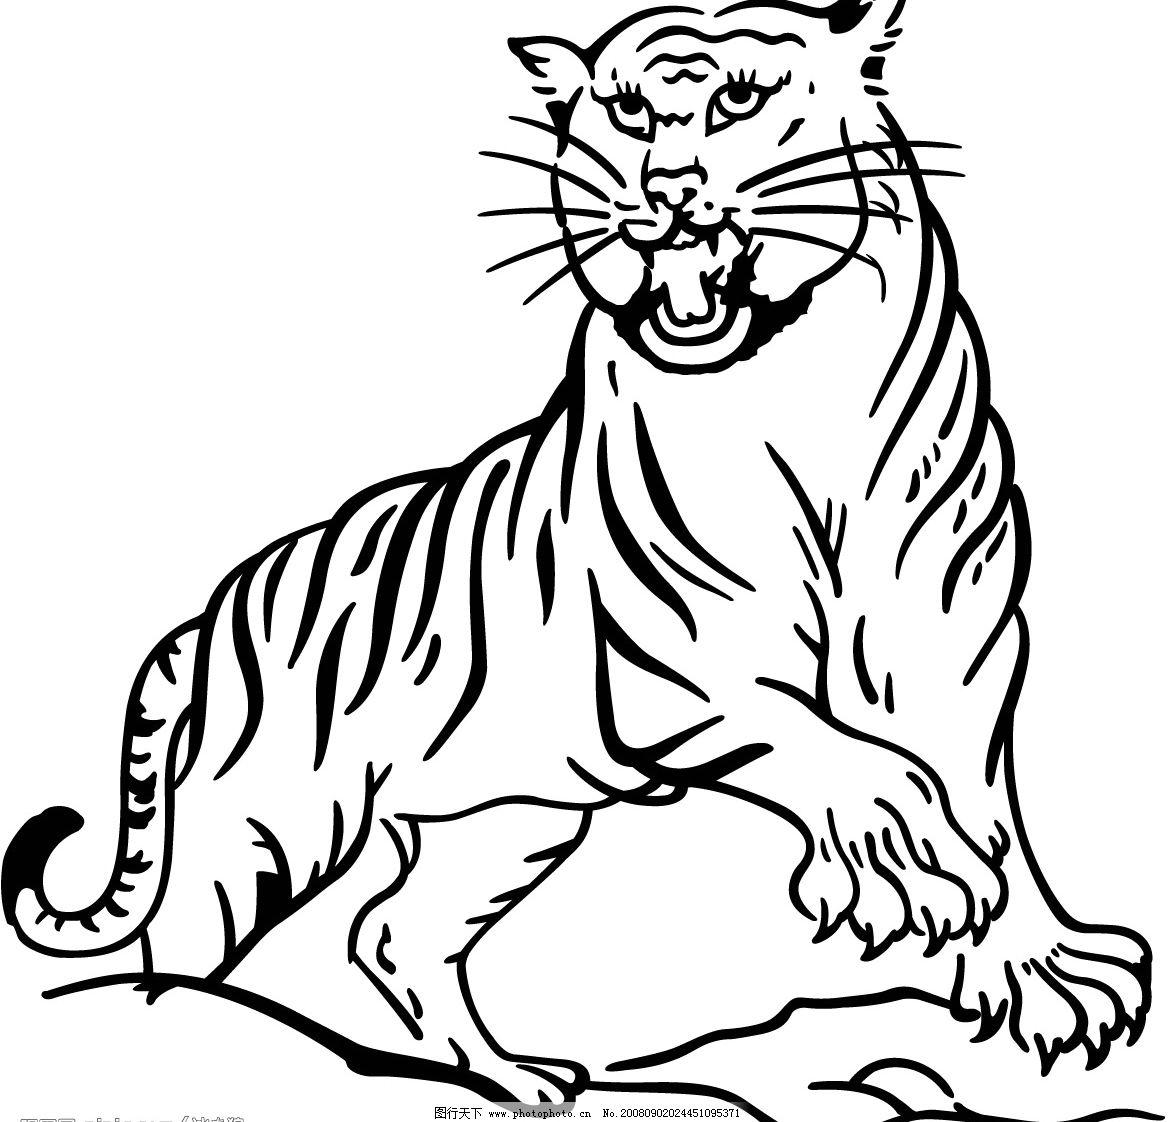 老虎 生物世界 野生动物 矢量图库 eps